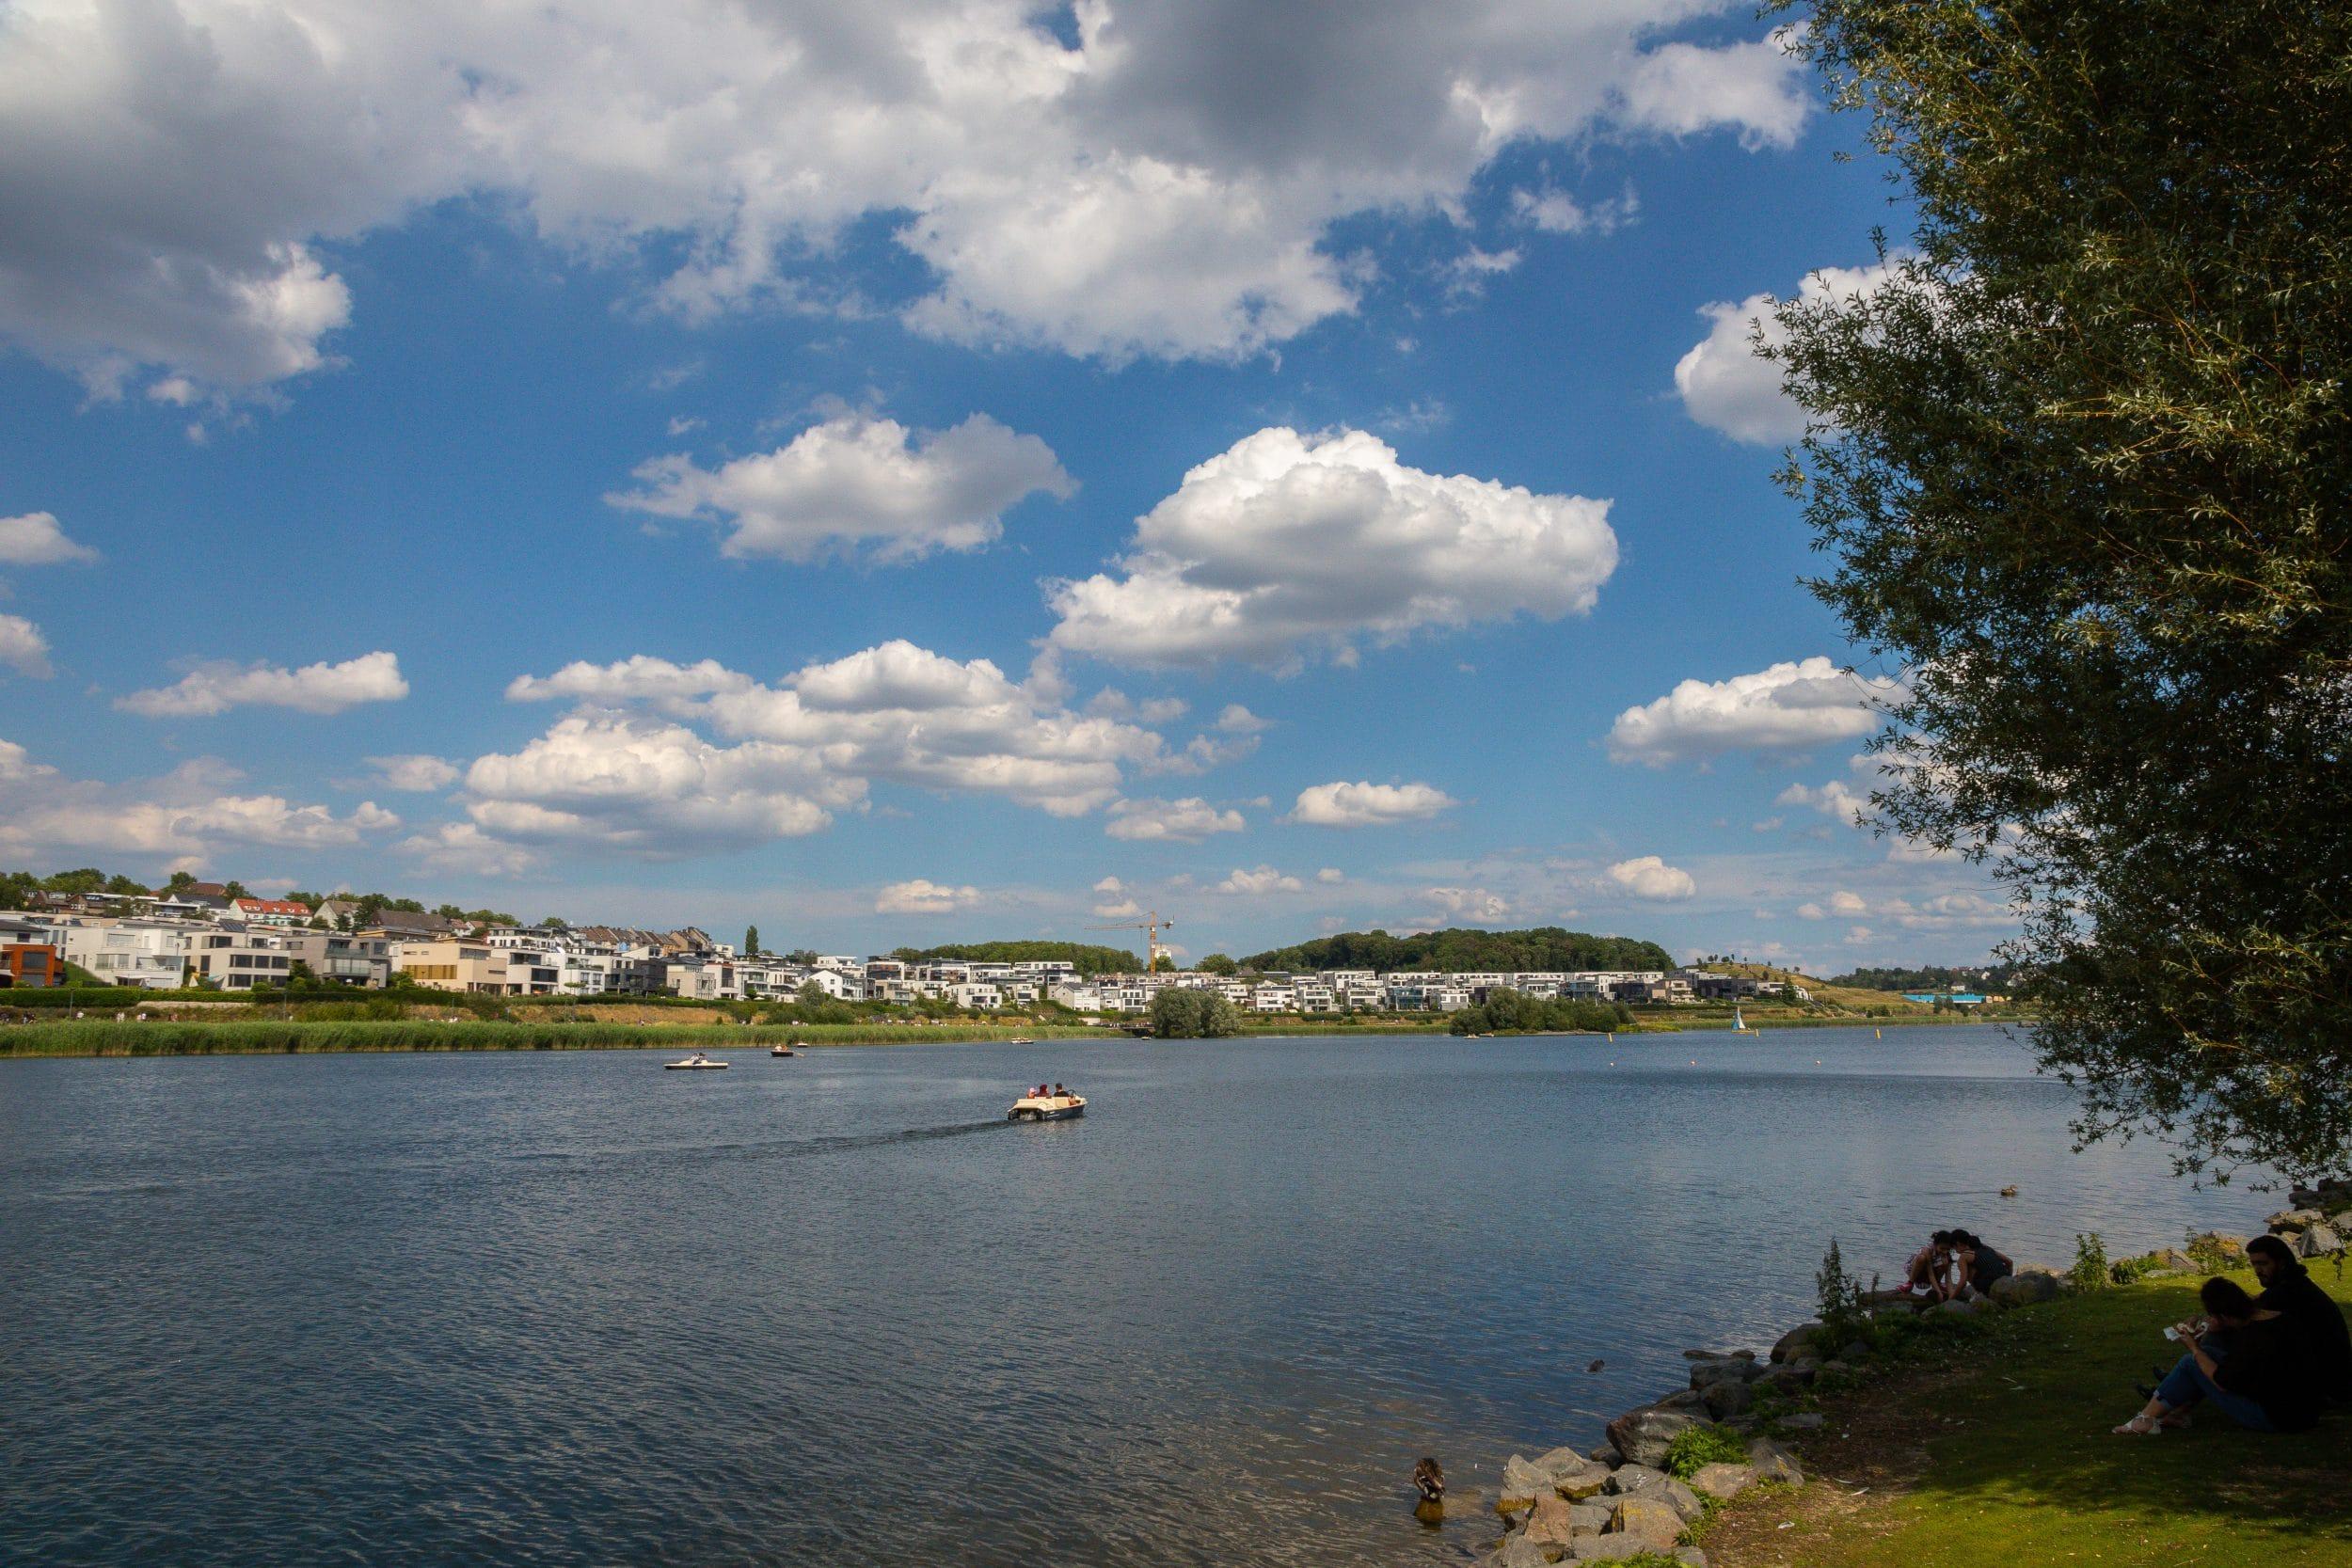 Nicht nur am Phoenix See wird auch während der Osterfeiertage kontrolliert, ob alle Corona-Regeln eingehalten werden.  (Archivfoto: IN-StadtMagazine)